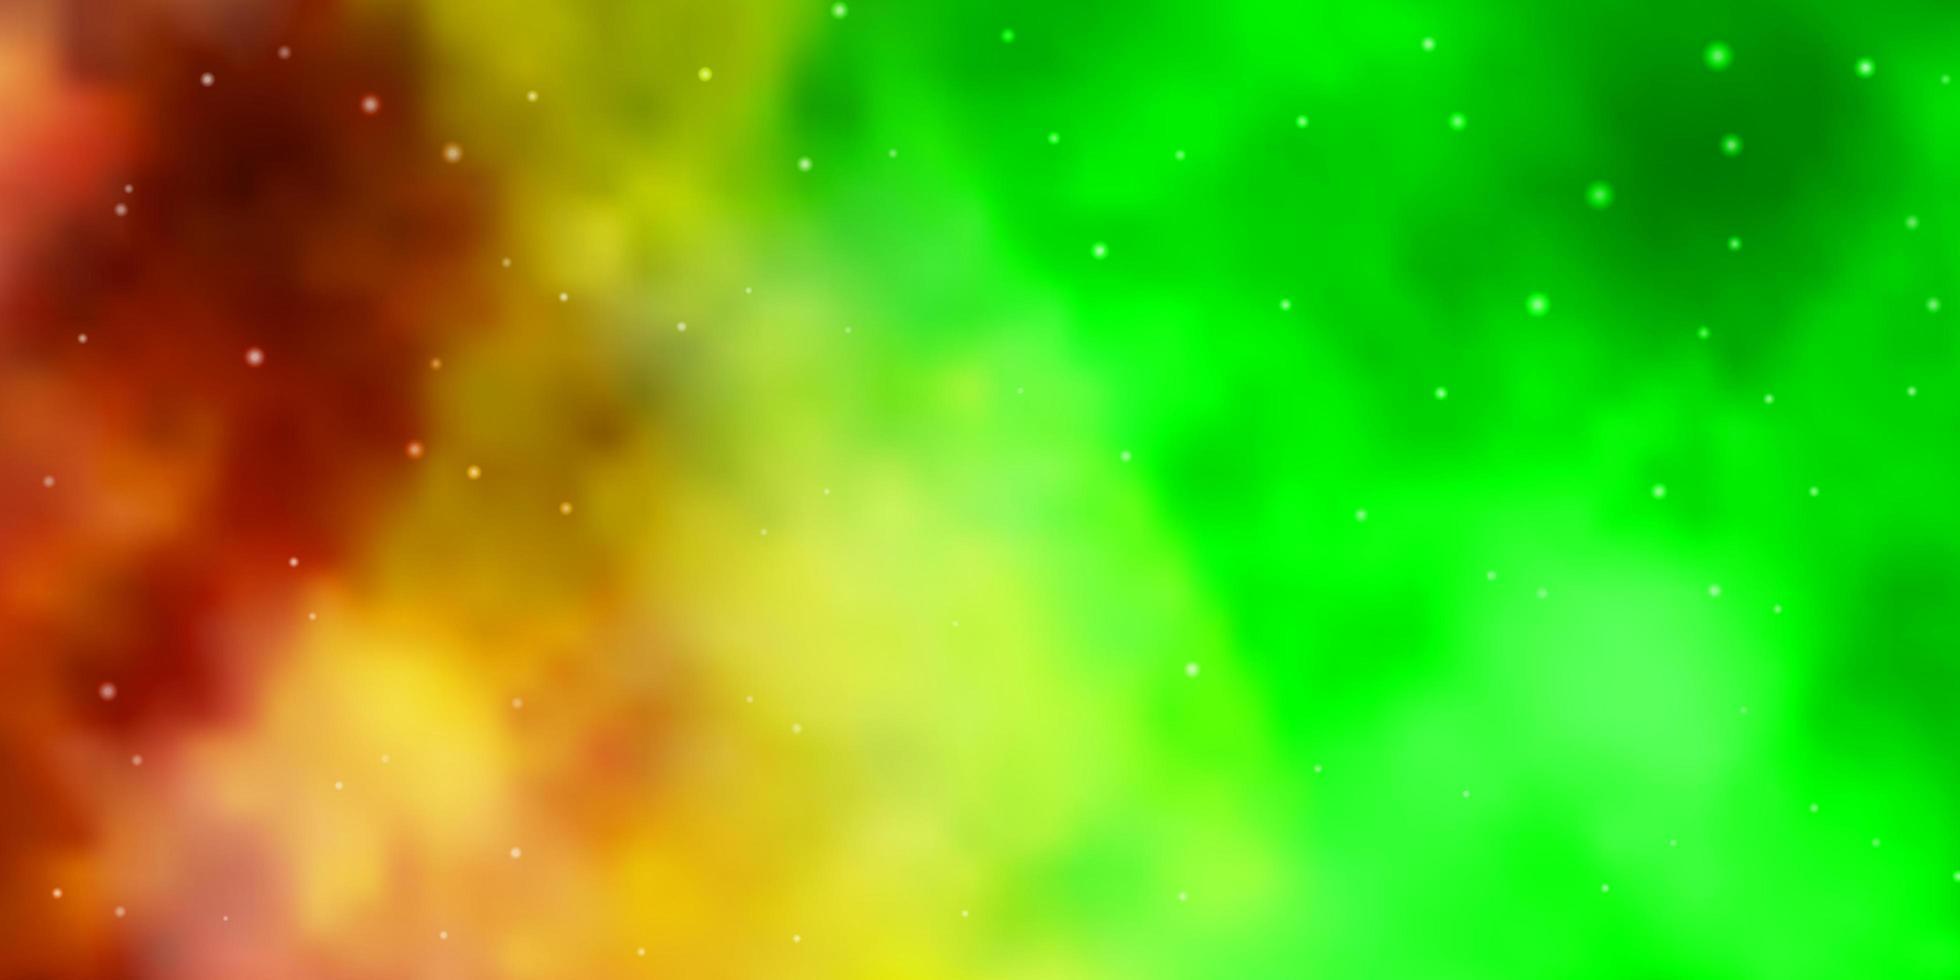 textura de vetor verde e amarelo claro com belas estrelas.